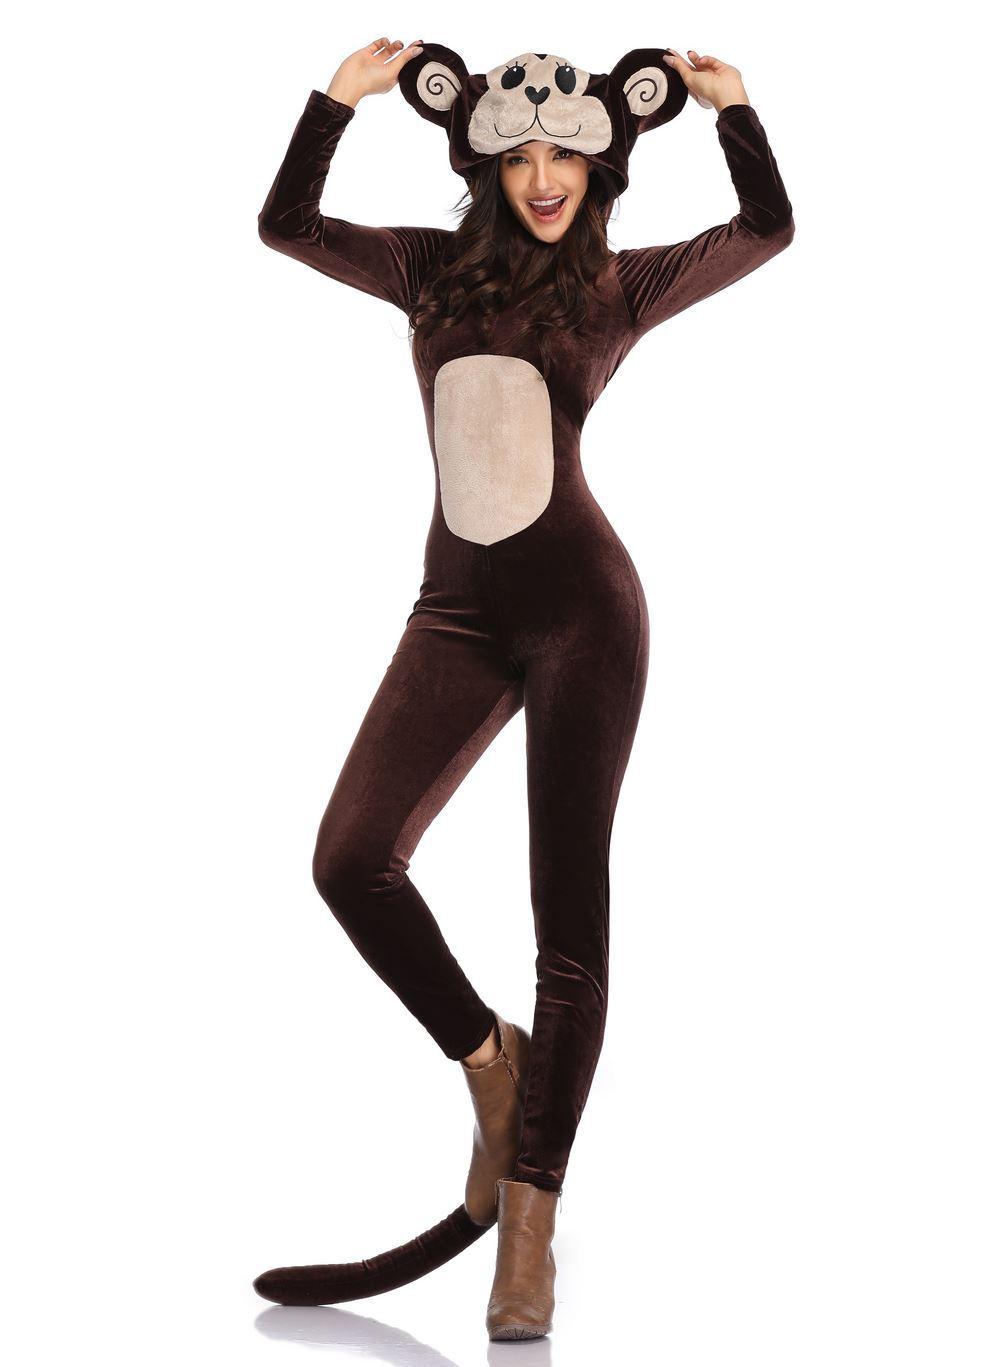 ハロウィンの服装の成人の連体のしゃれたサルの動物の役は服装のおじけづく服装に扮して尾のスーツをくわえます